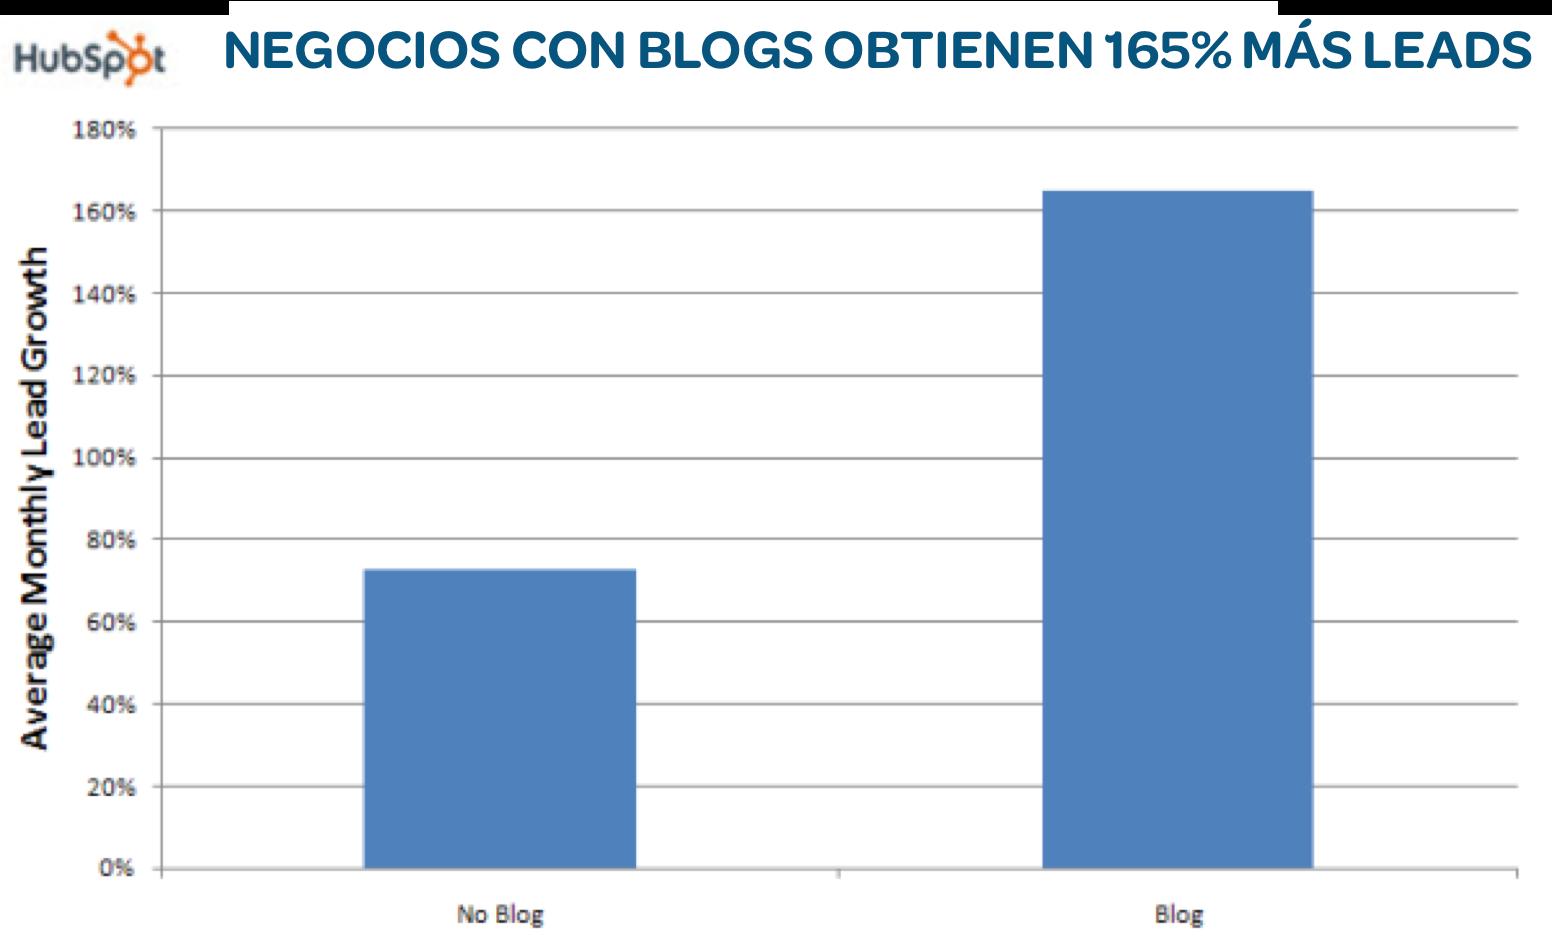 Tácticas, herramientas y plataformas digitales disponibles para tu presencia digital: los negocios con blogs obtienen más leads: 165%